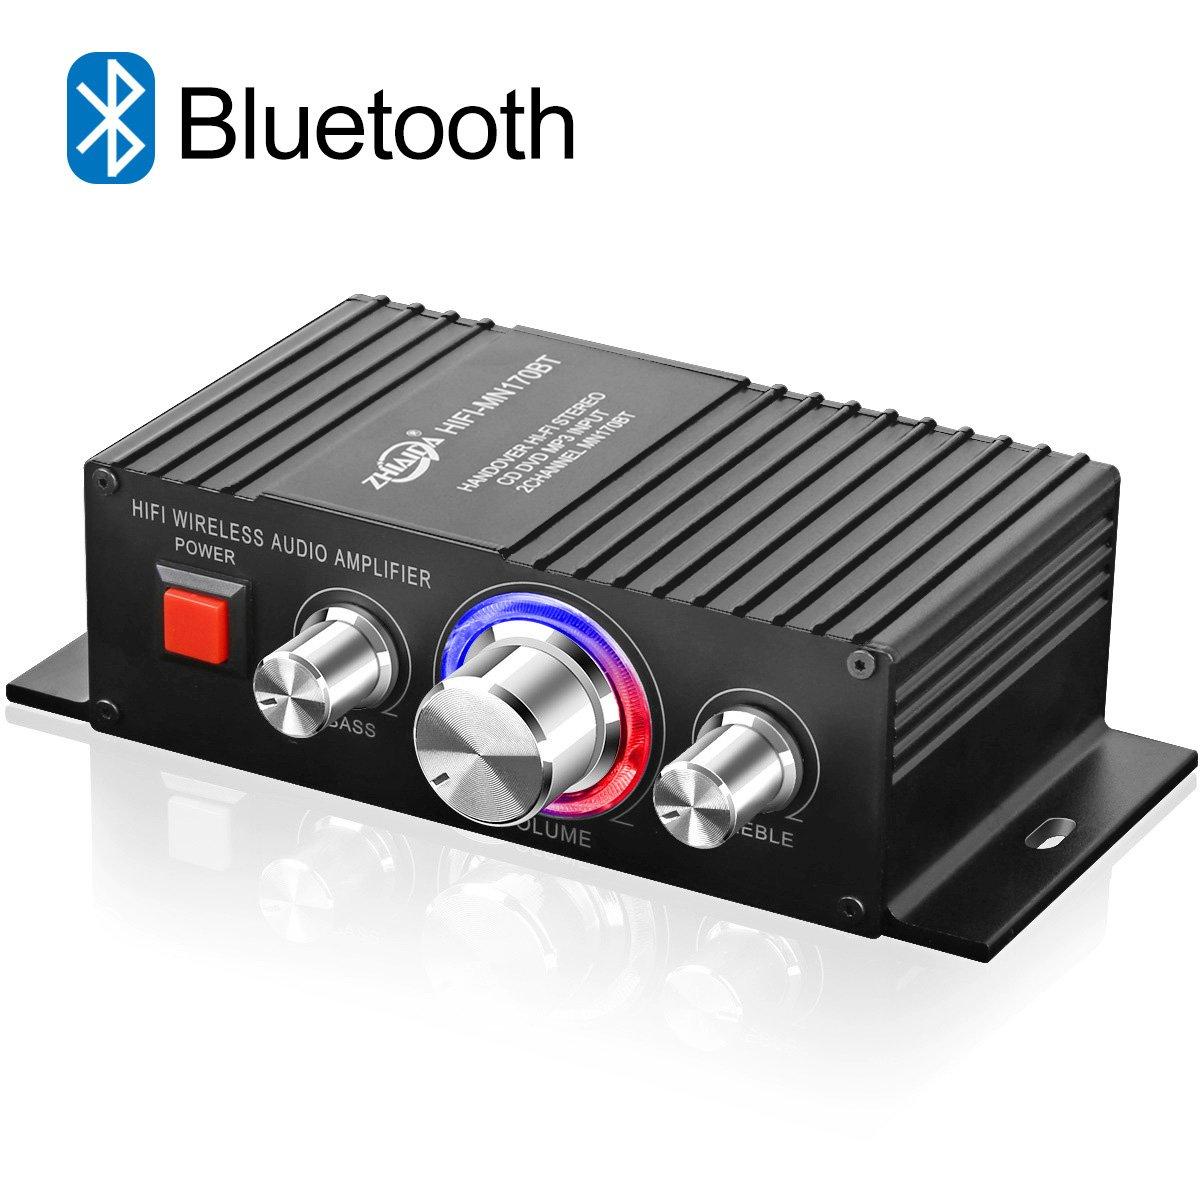 Mini HiFi Bluetooth Amplificateur TTMOW 30W x 2 Amplifier Audio Sté ré o DC 12V 24V Super Bass Amplificateur de Puissance Audio pour Voiture et Voiture (Adaptateur Universel, Non Inclus)